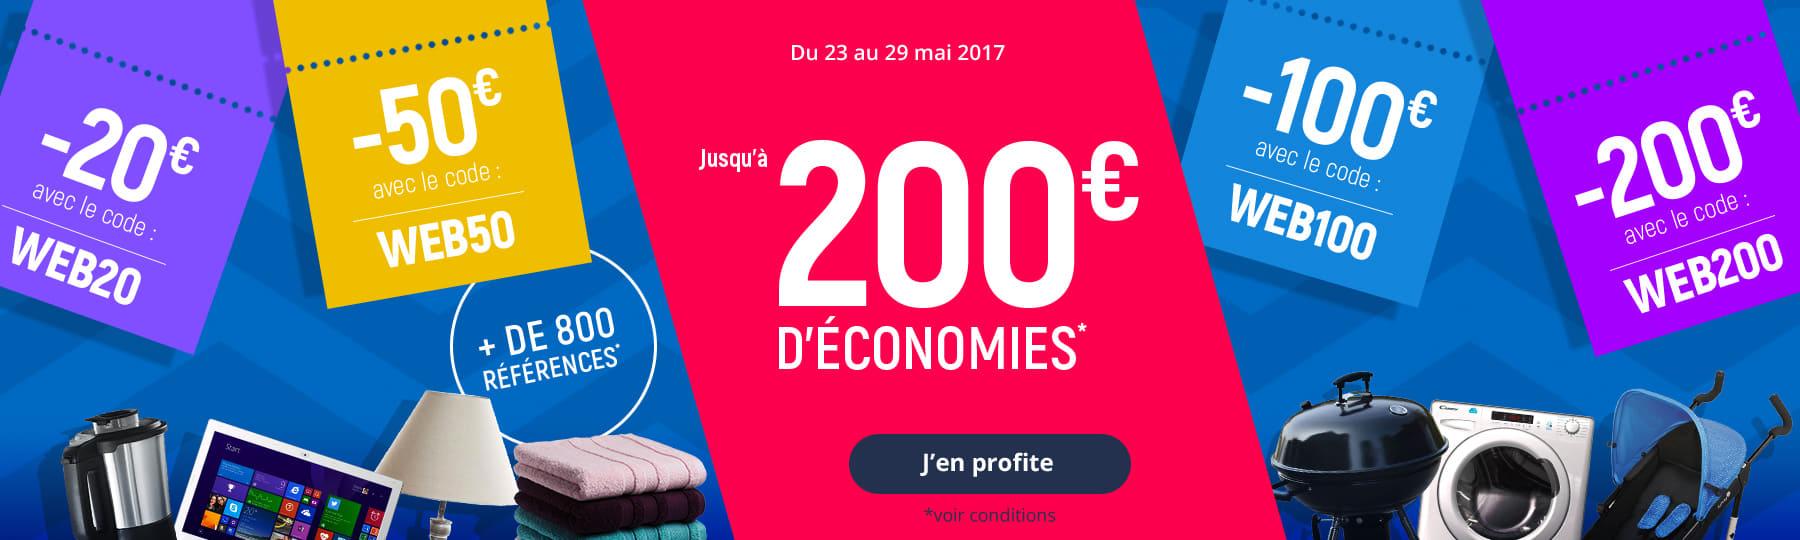 Auchanfrauchan Infos Magasins Services Et Achat En Ligne